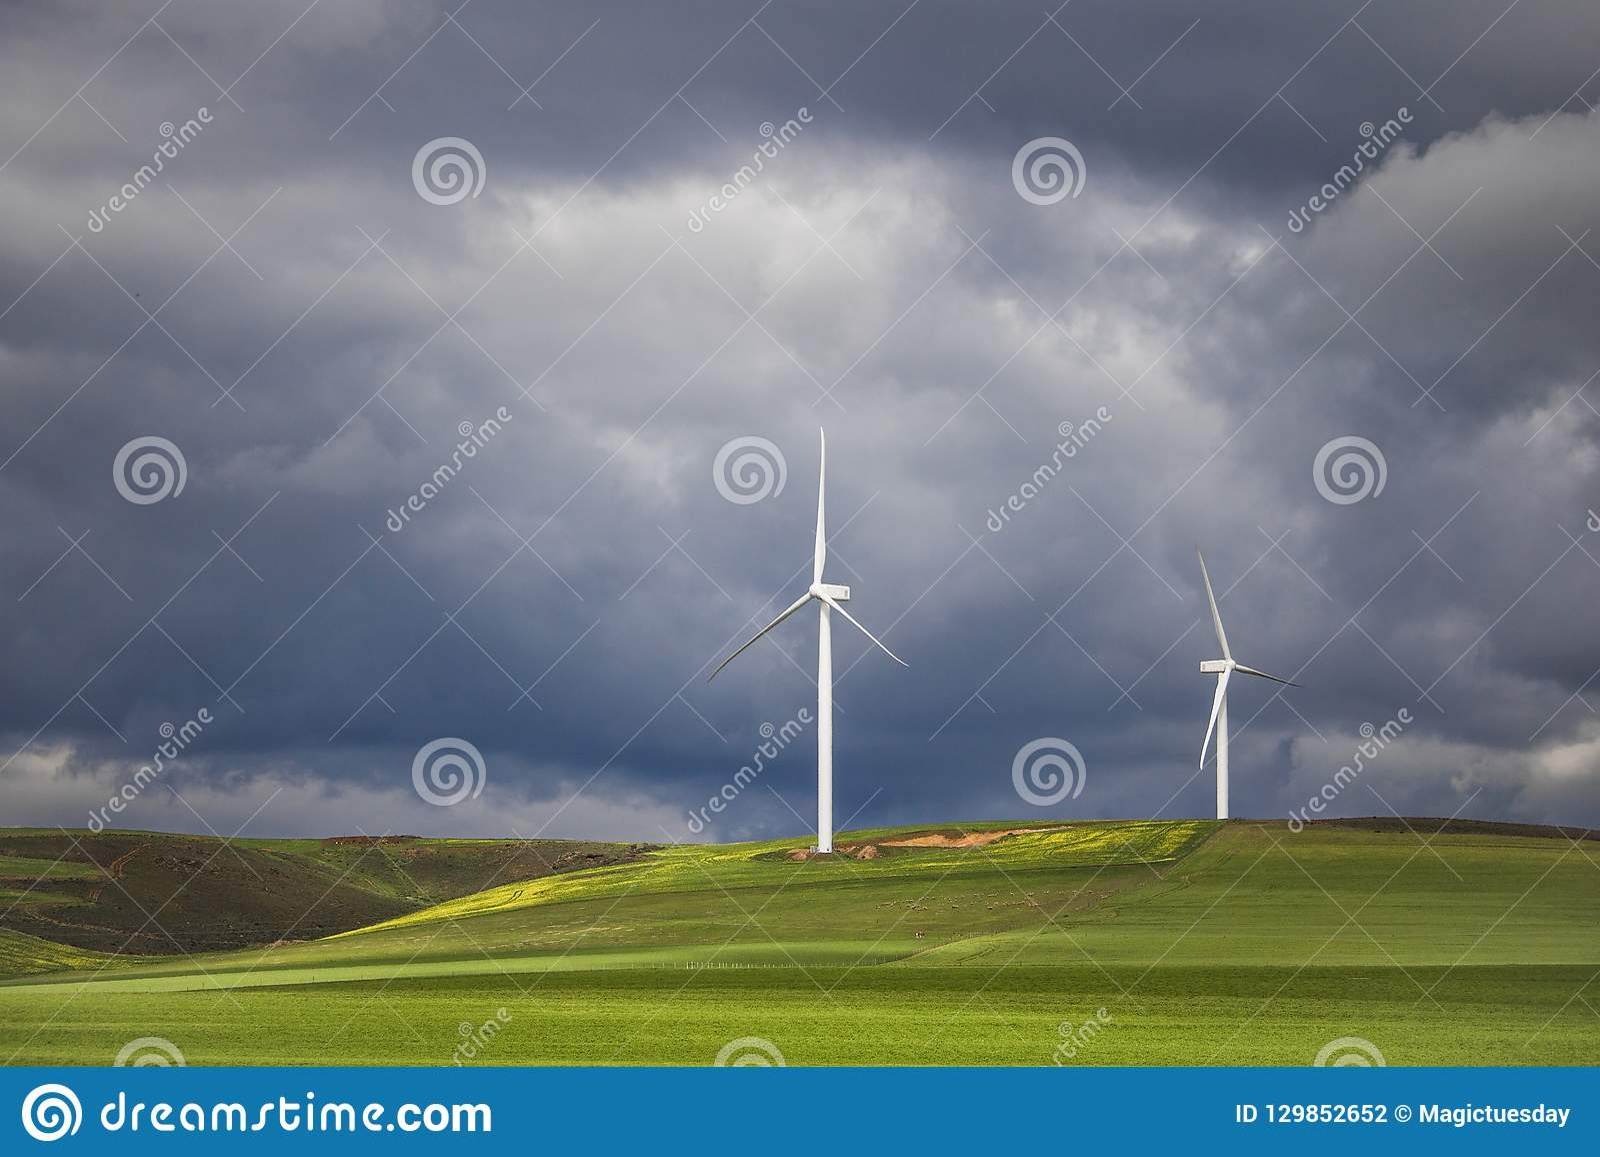 Dramatyczna burza nad silnikami wiatrowymi w zieleni polach - Caledon, Zachodni przylądek, Południowa Afryka